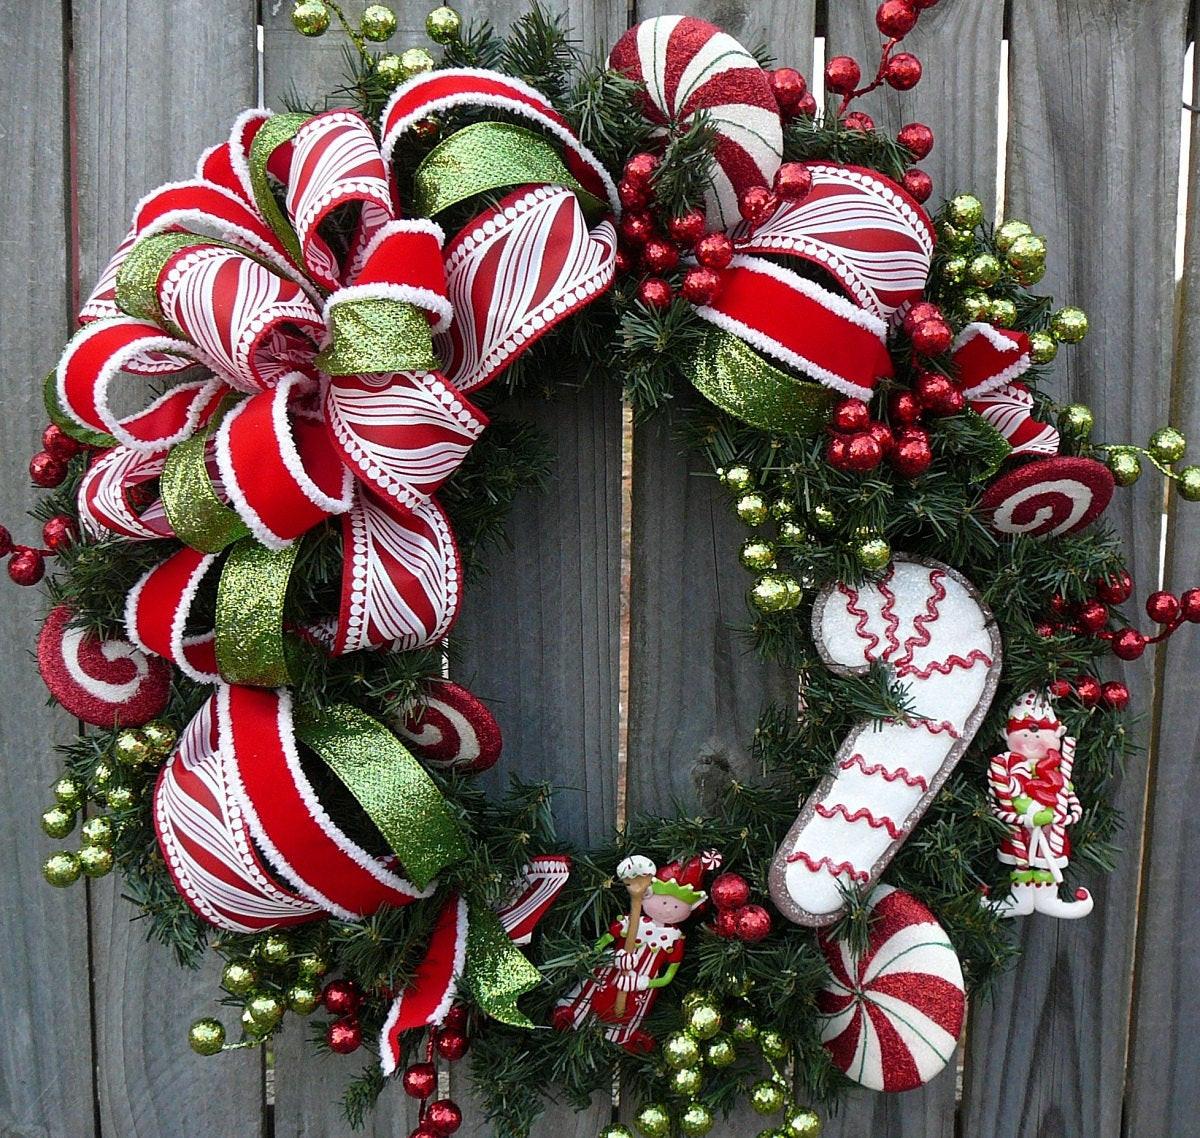 Christmas Wreath Candy  Christmas Holiday Wreath Candy Cane Wreath for Christmas